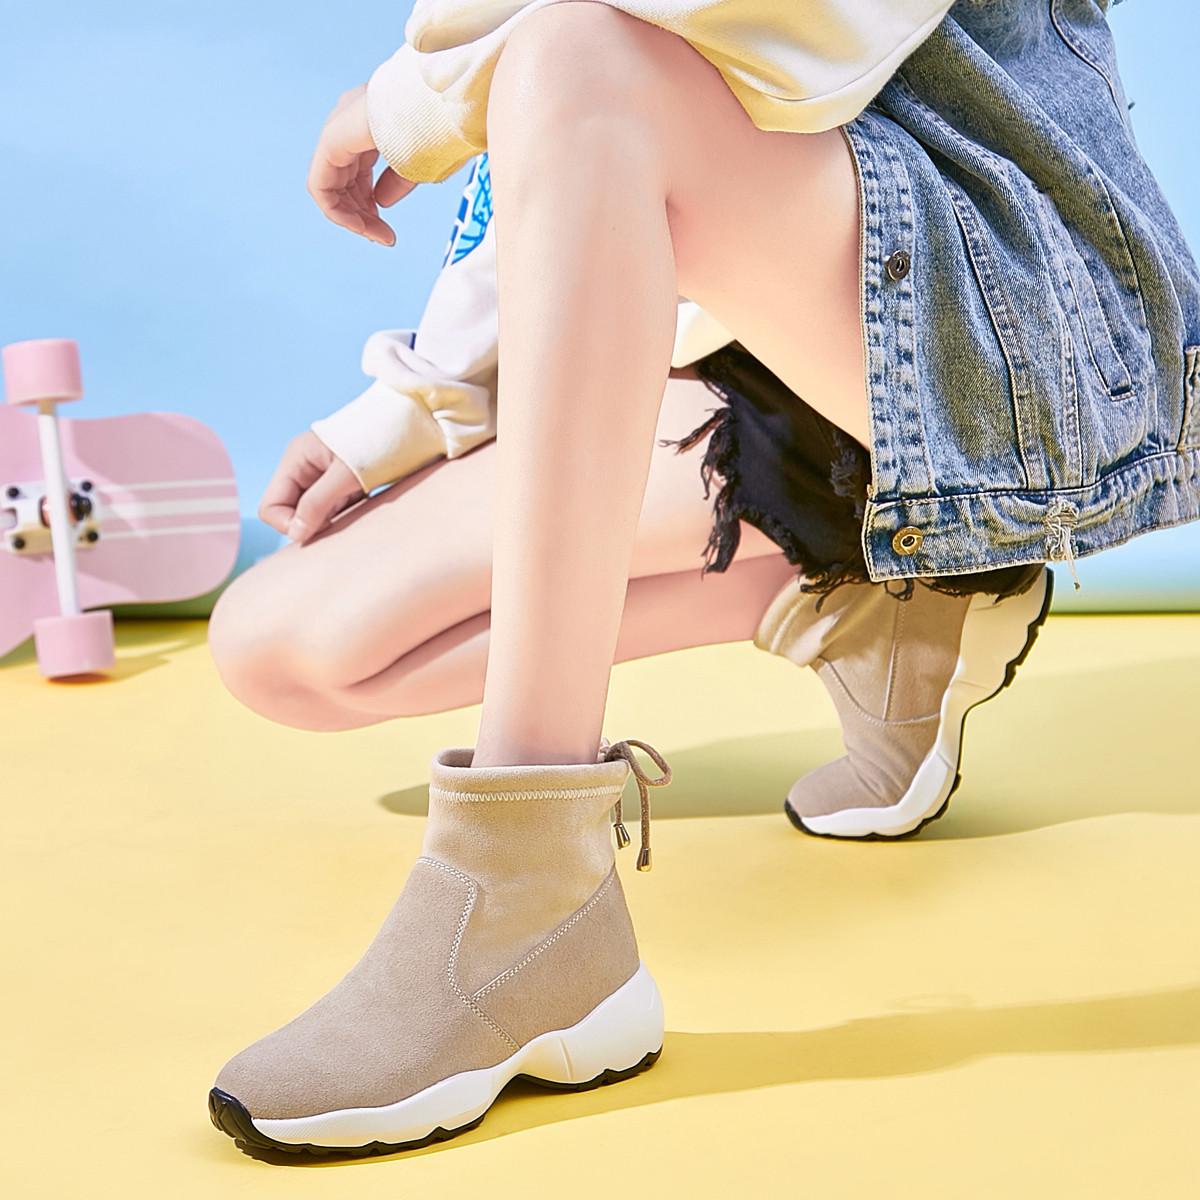 卡帝乐鳄鱼冬新款【真皮加绒】套脚后绑带防滑短靴女老爹鞋女鞋女靴马丁靴女1X592909161052